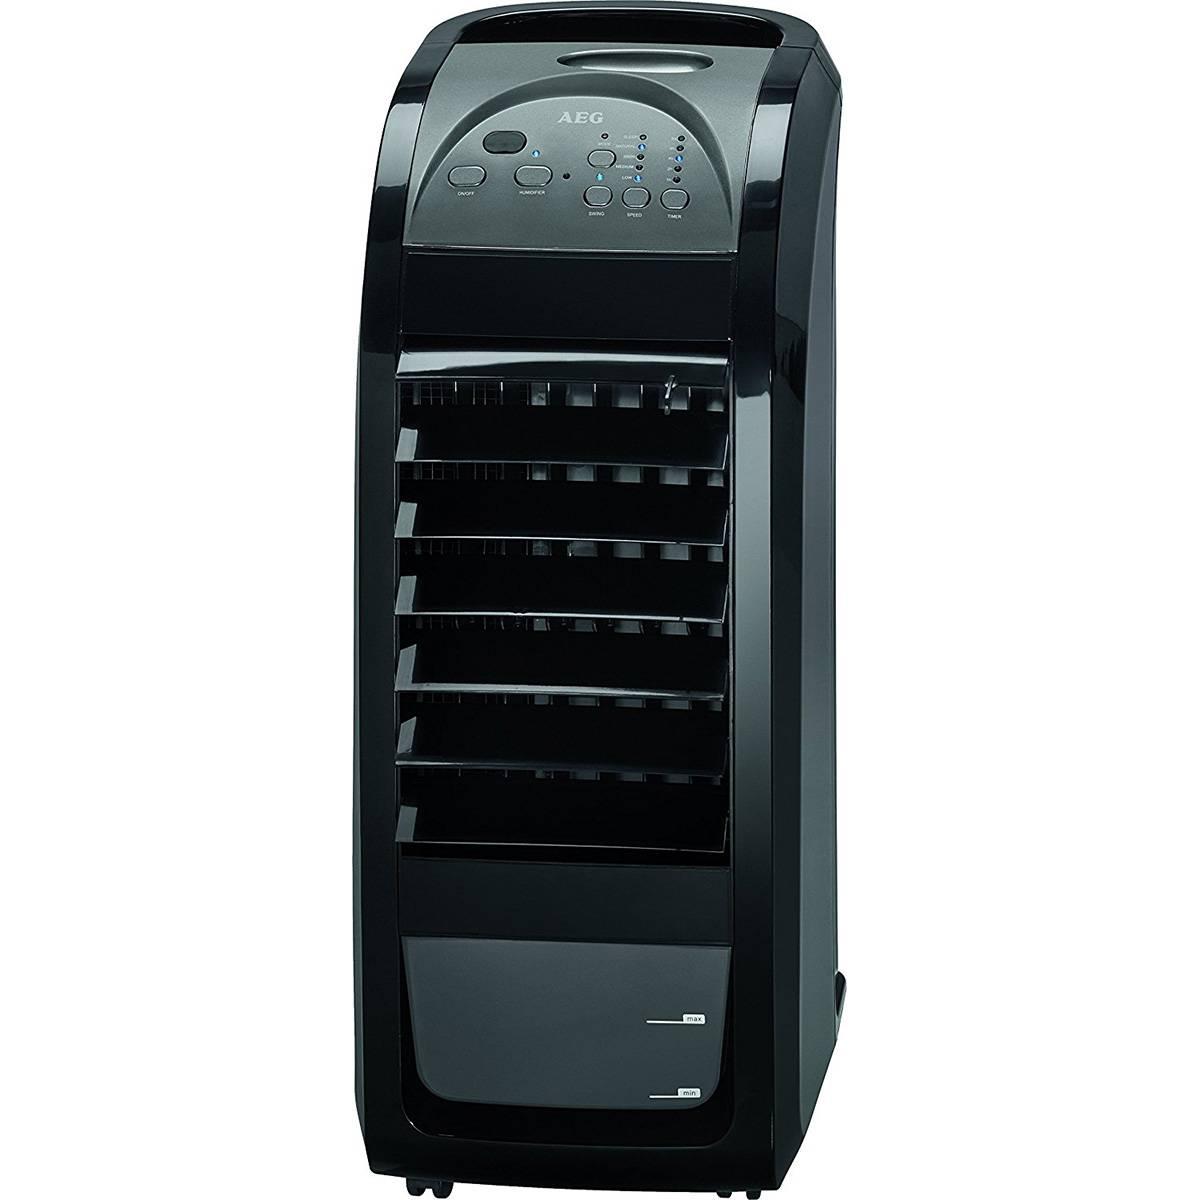 Aeg climatizador de aire evaporativo portatil - Climatizador evaporativo portatil ...